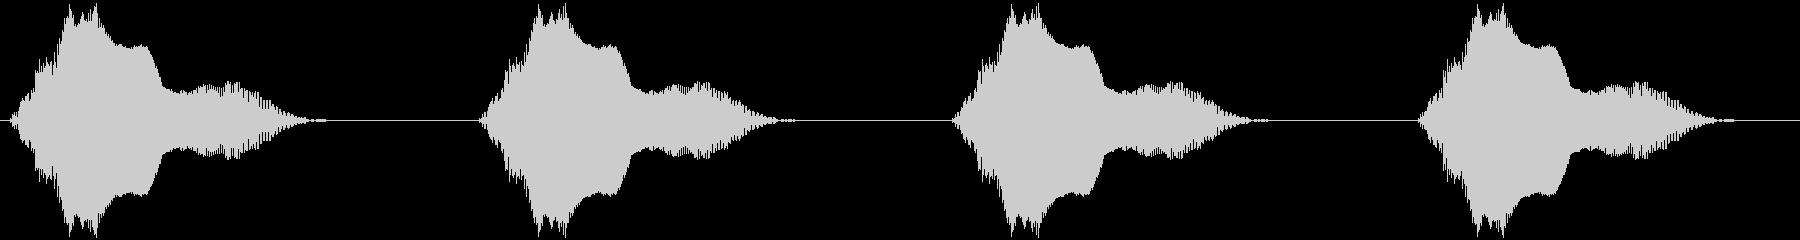 バイブ スマホ ヴィン×4 軽快の未再生の波形